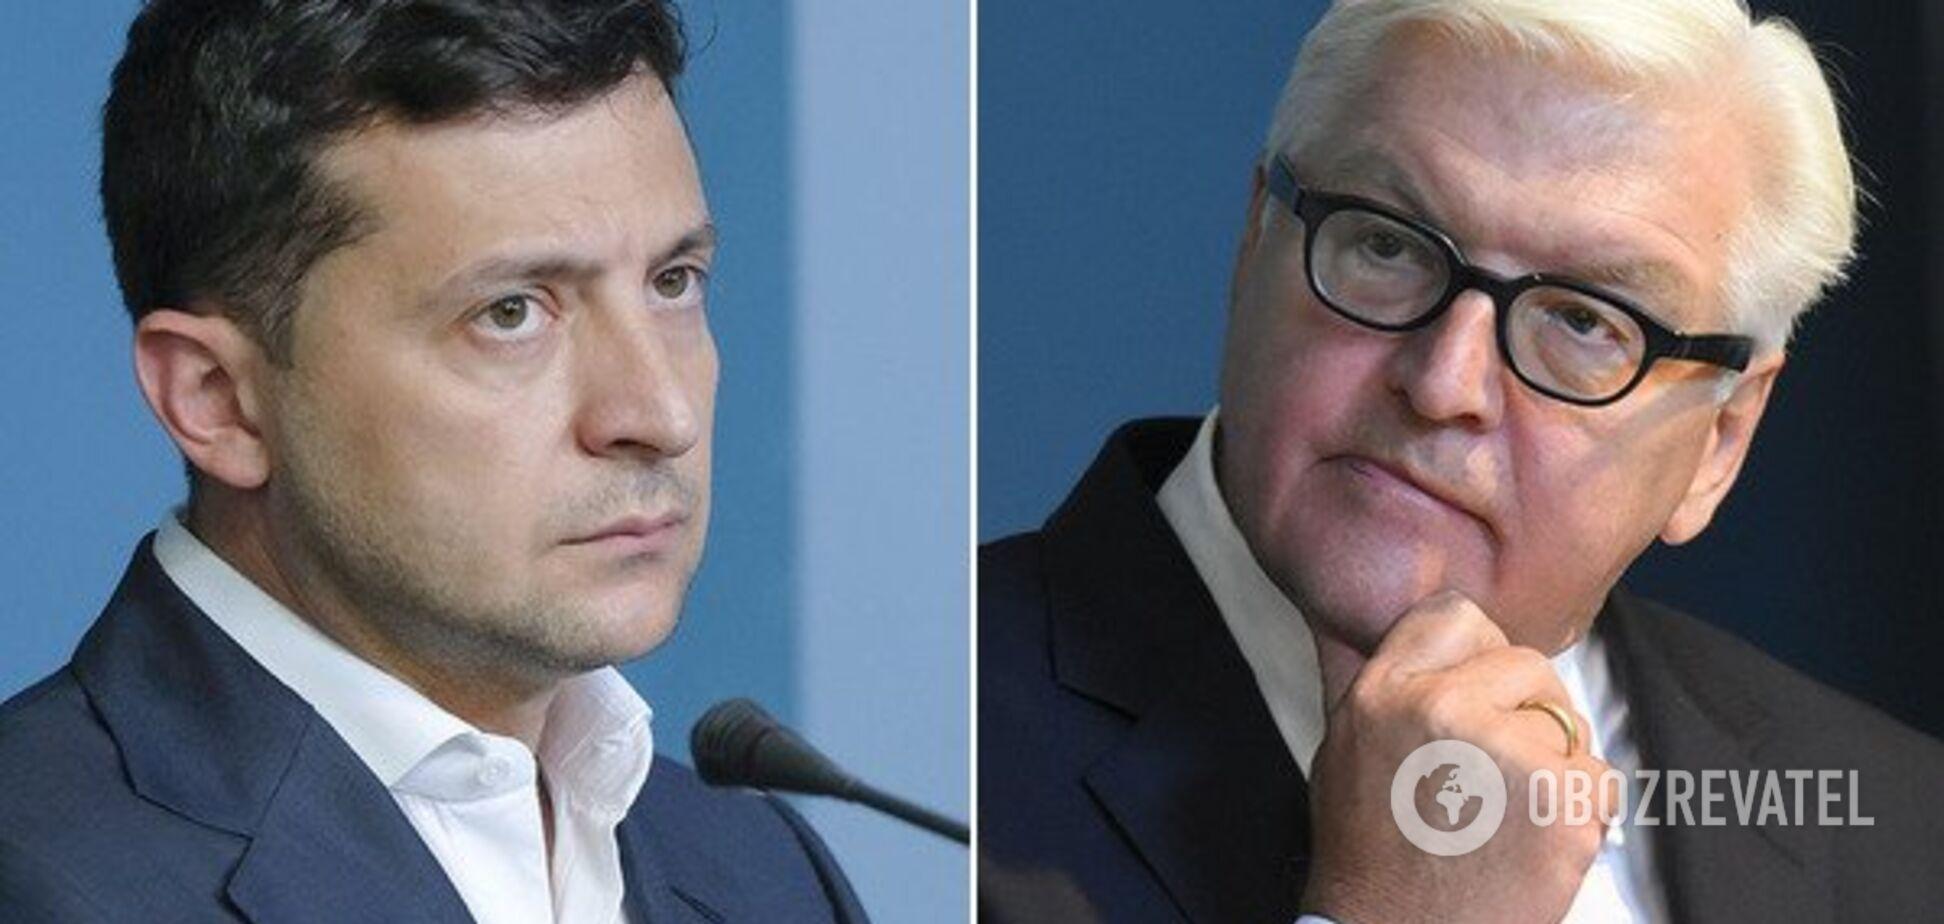 Зеленський зустрінеться зі Штайнмаєром – автором скандальної формули стосовно Донбасу